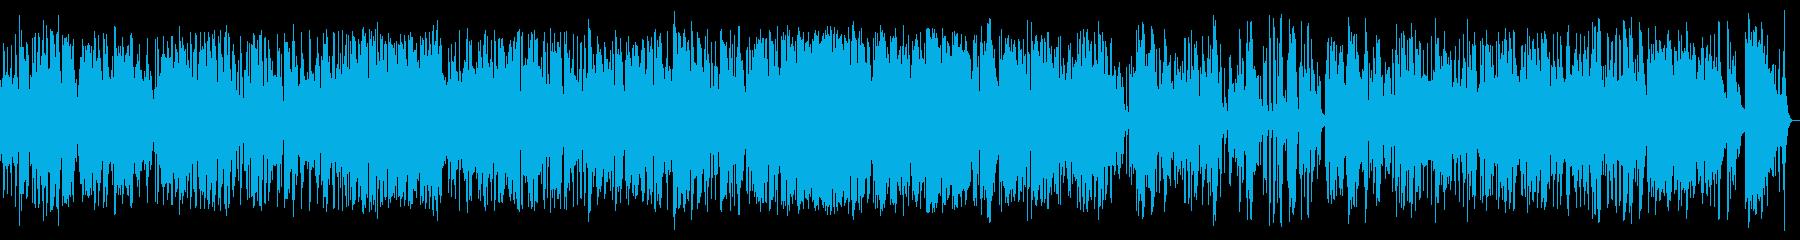 ピュアジャズライブコンサート。伝統...の再生済みの波形